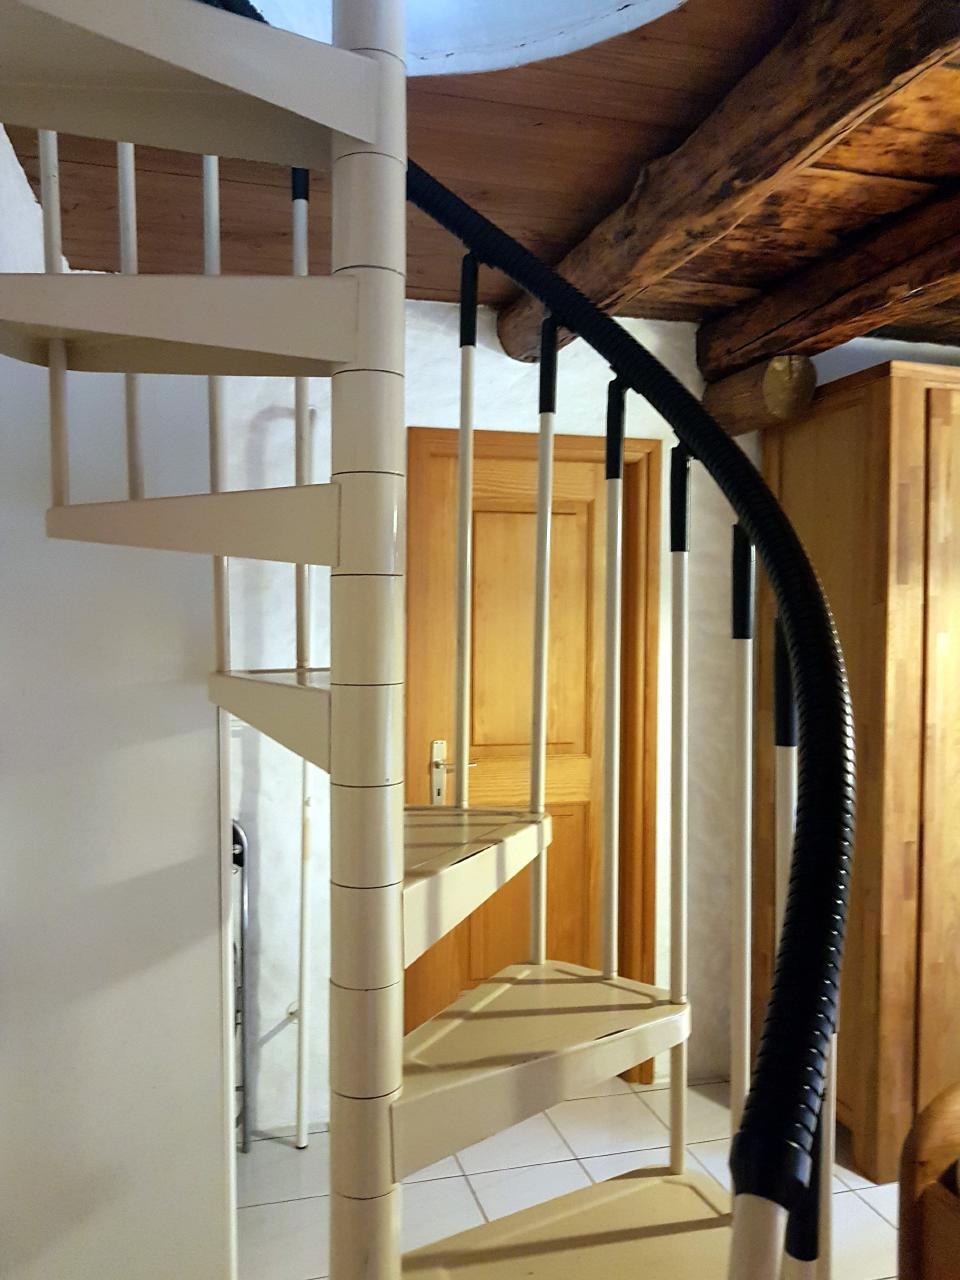 Ferienhaus Casa Aurelia Ferienhaus / Rustico (2024677), Coglio, Maggiatal, Tessin, Schweiz, Bild 6